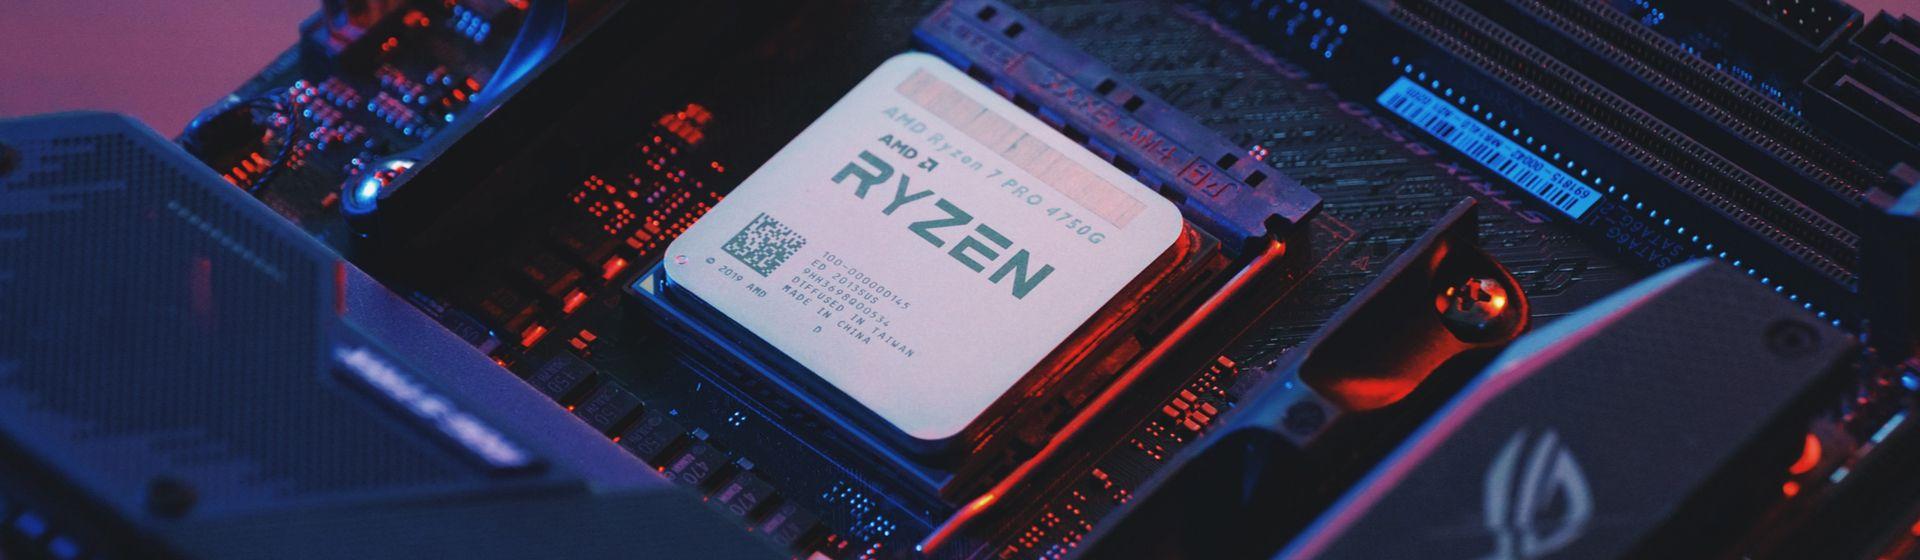 Ryzen 5950X, 5900X, 5800X e 5600X: preço e lançamentos dos chips AMD